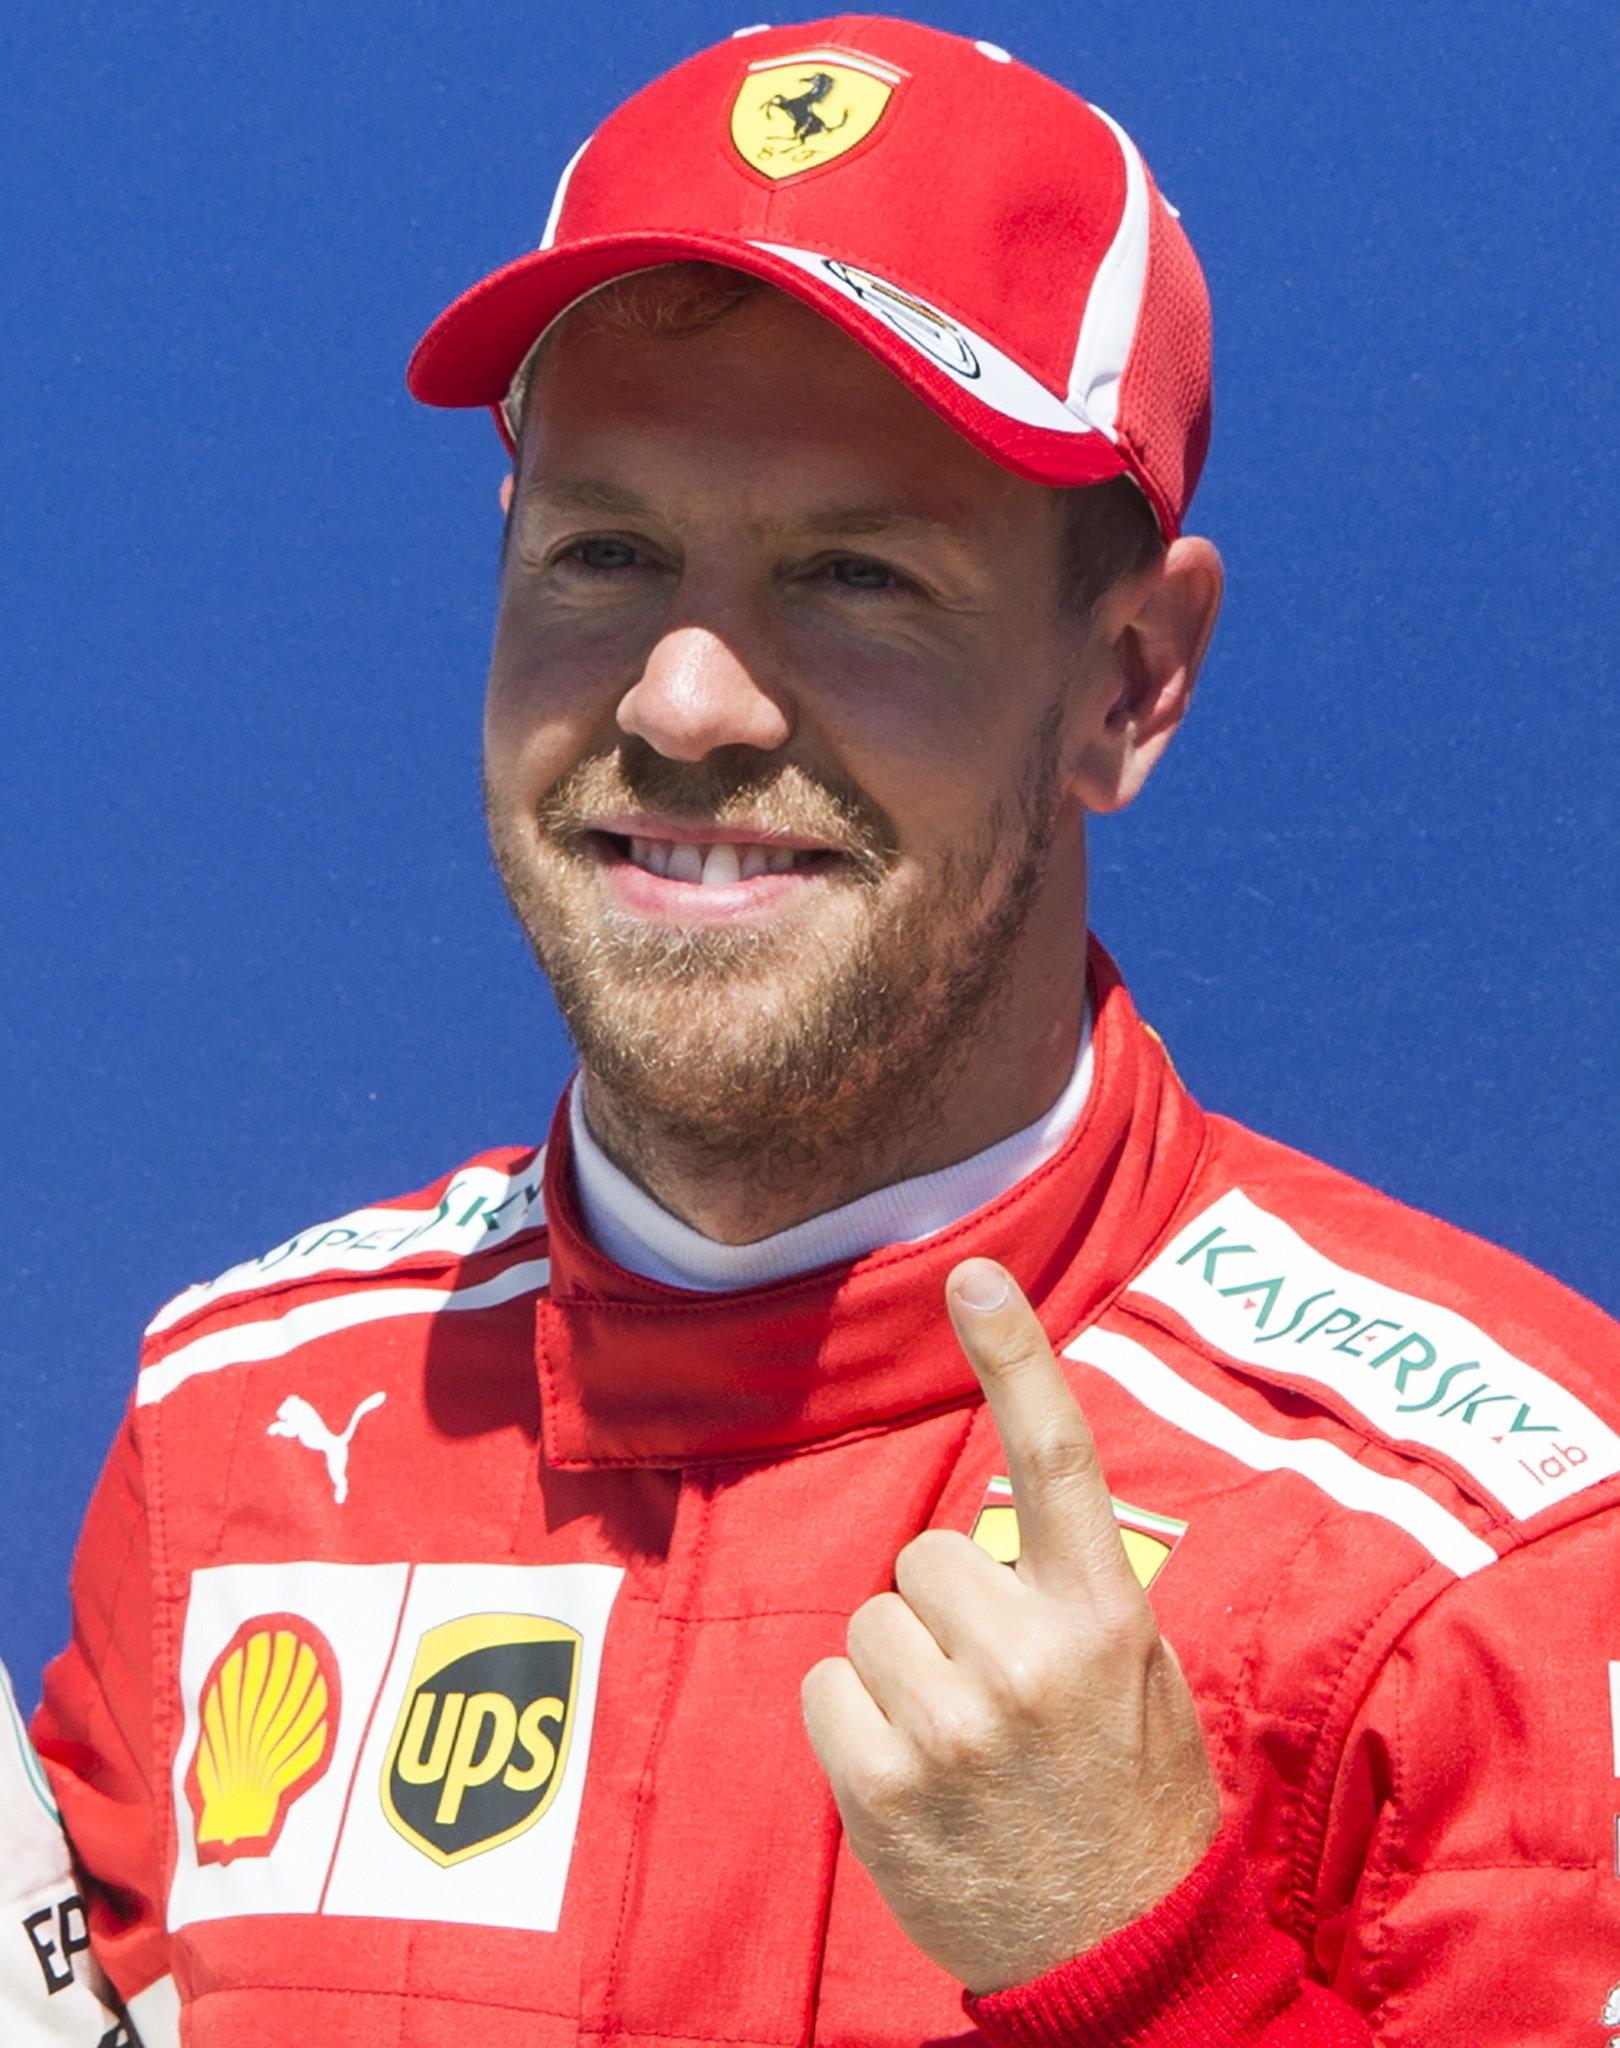 Sebastian Vettel freut sich auf die Rückkehr der Formel 1.